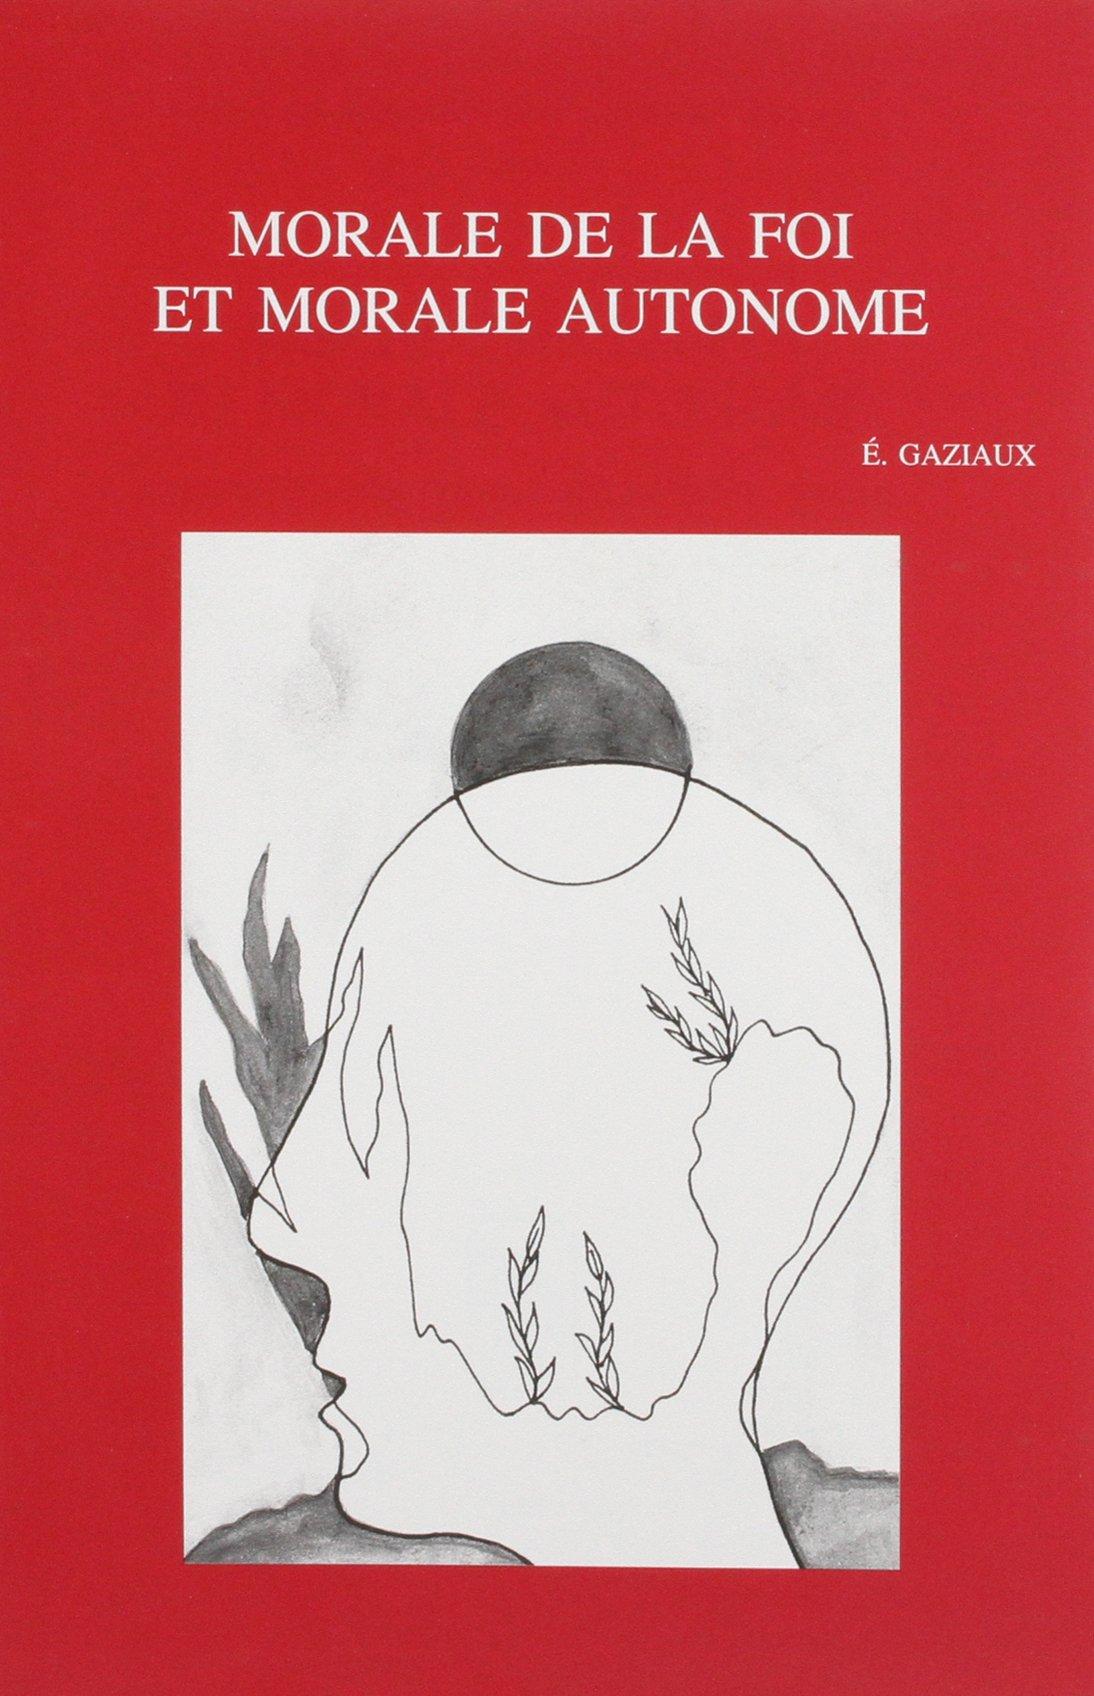 Morale de la foi et morale autonome. Confrontation entre P. Delhaye et J. Fuchs (Bibliotheca Ephemeridum Theologicarum Lovaniensium)